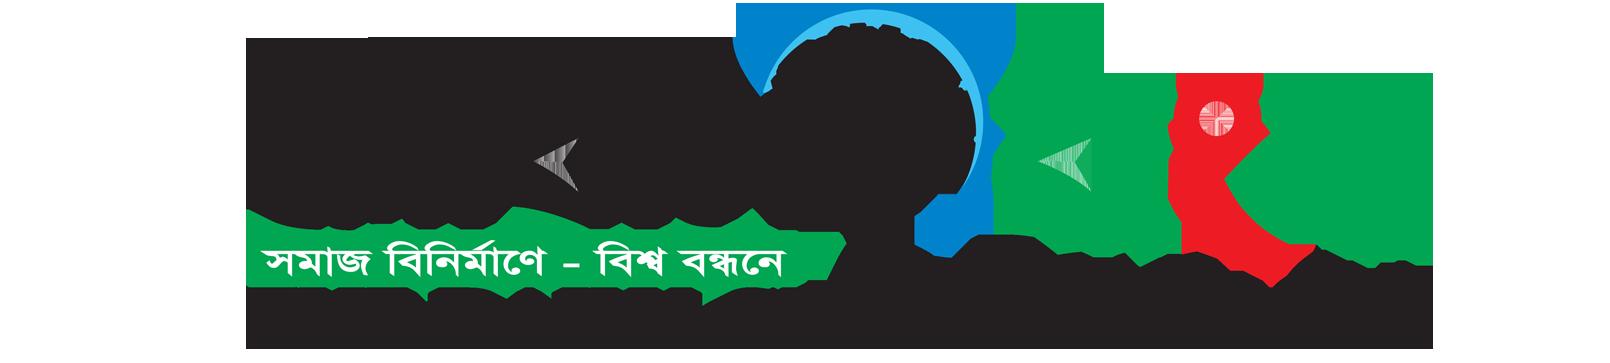 Global Bangla